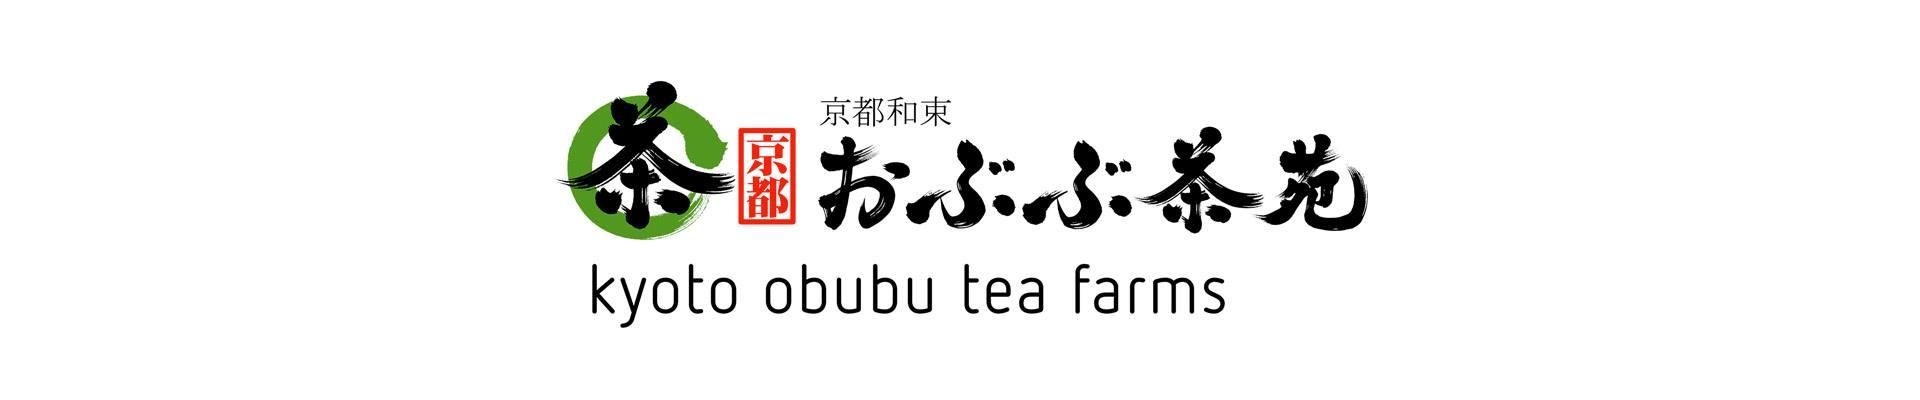 Kyoto Obubu Tea Farm